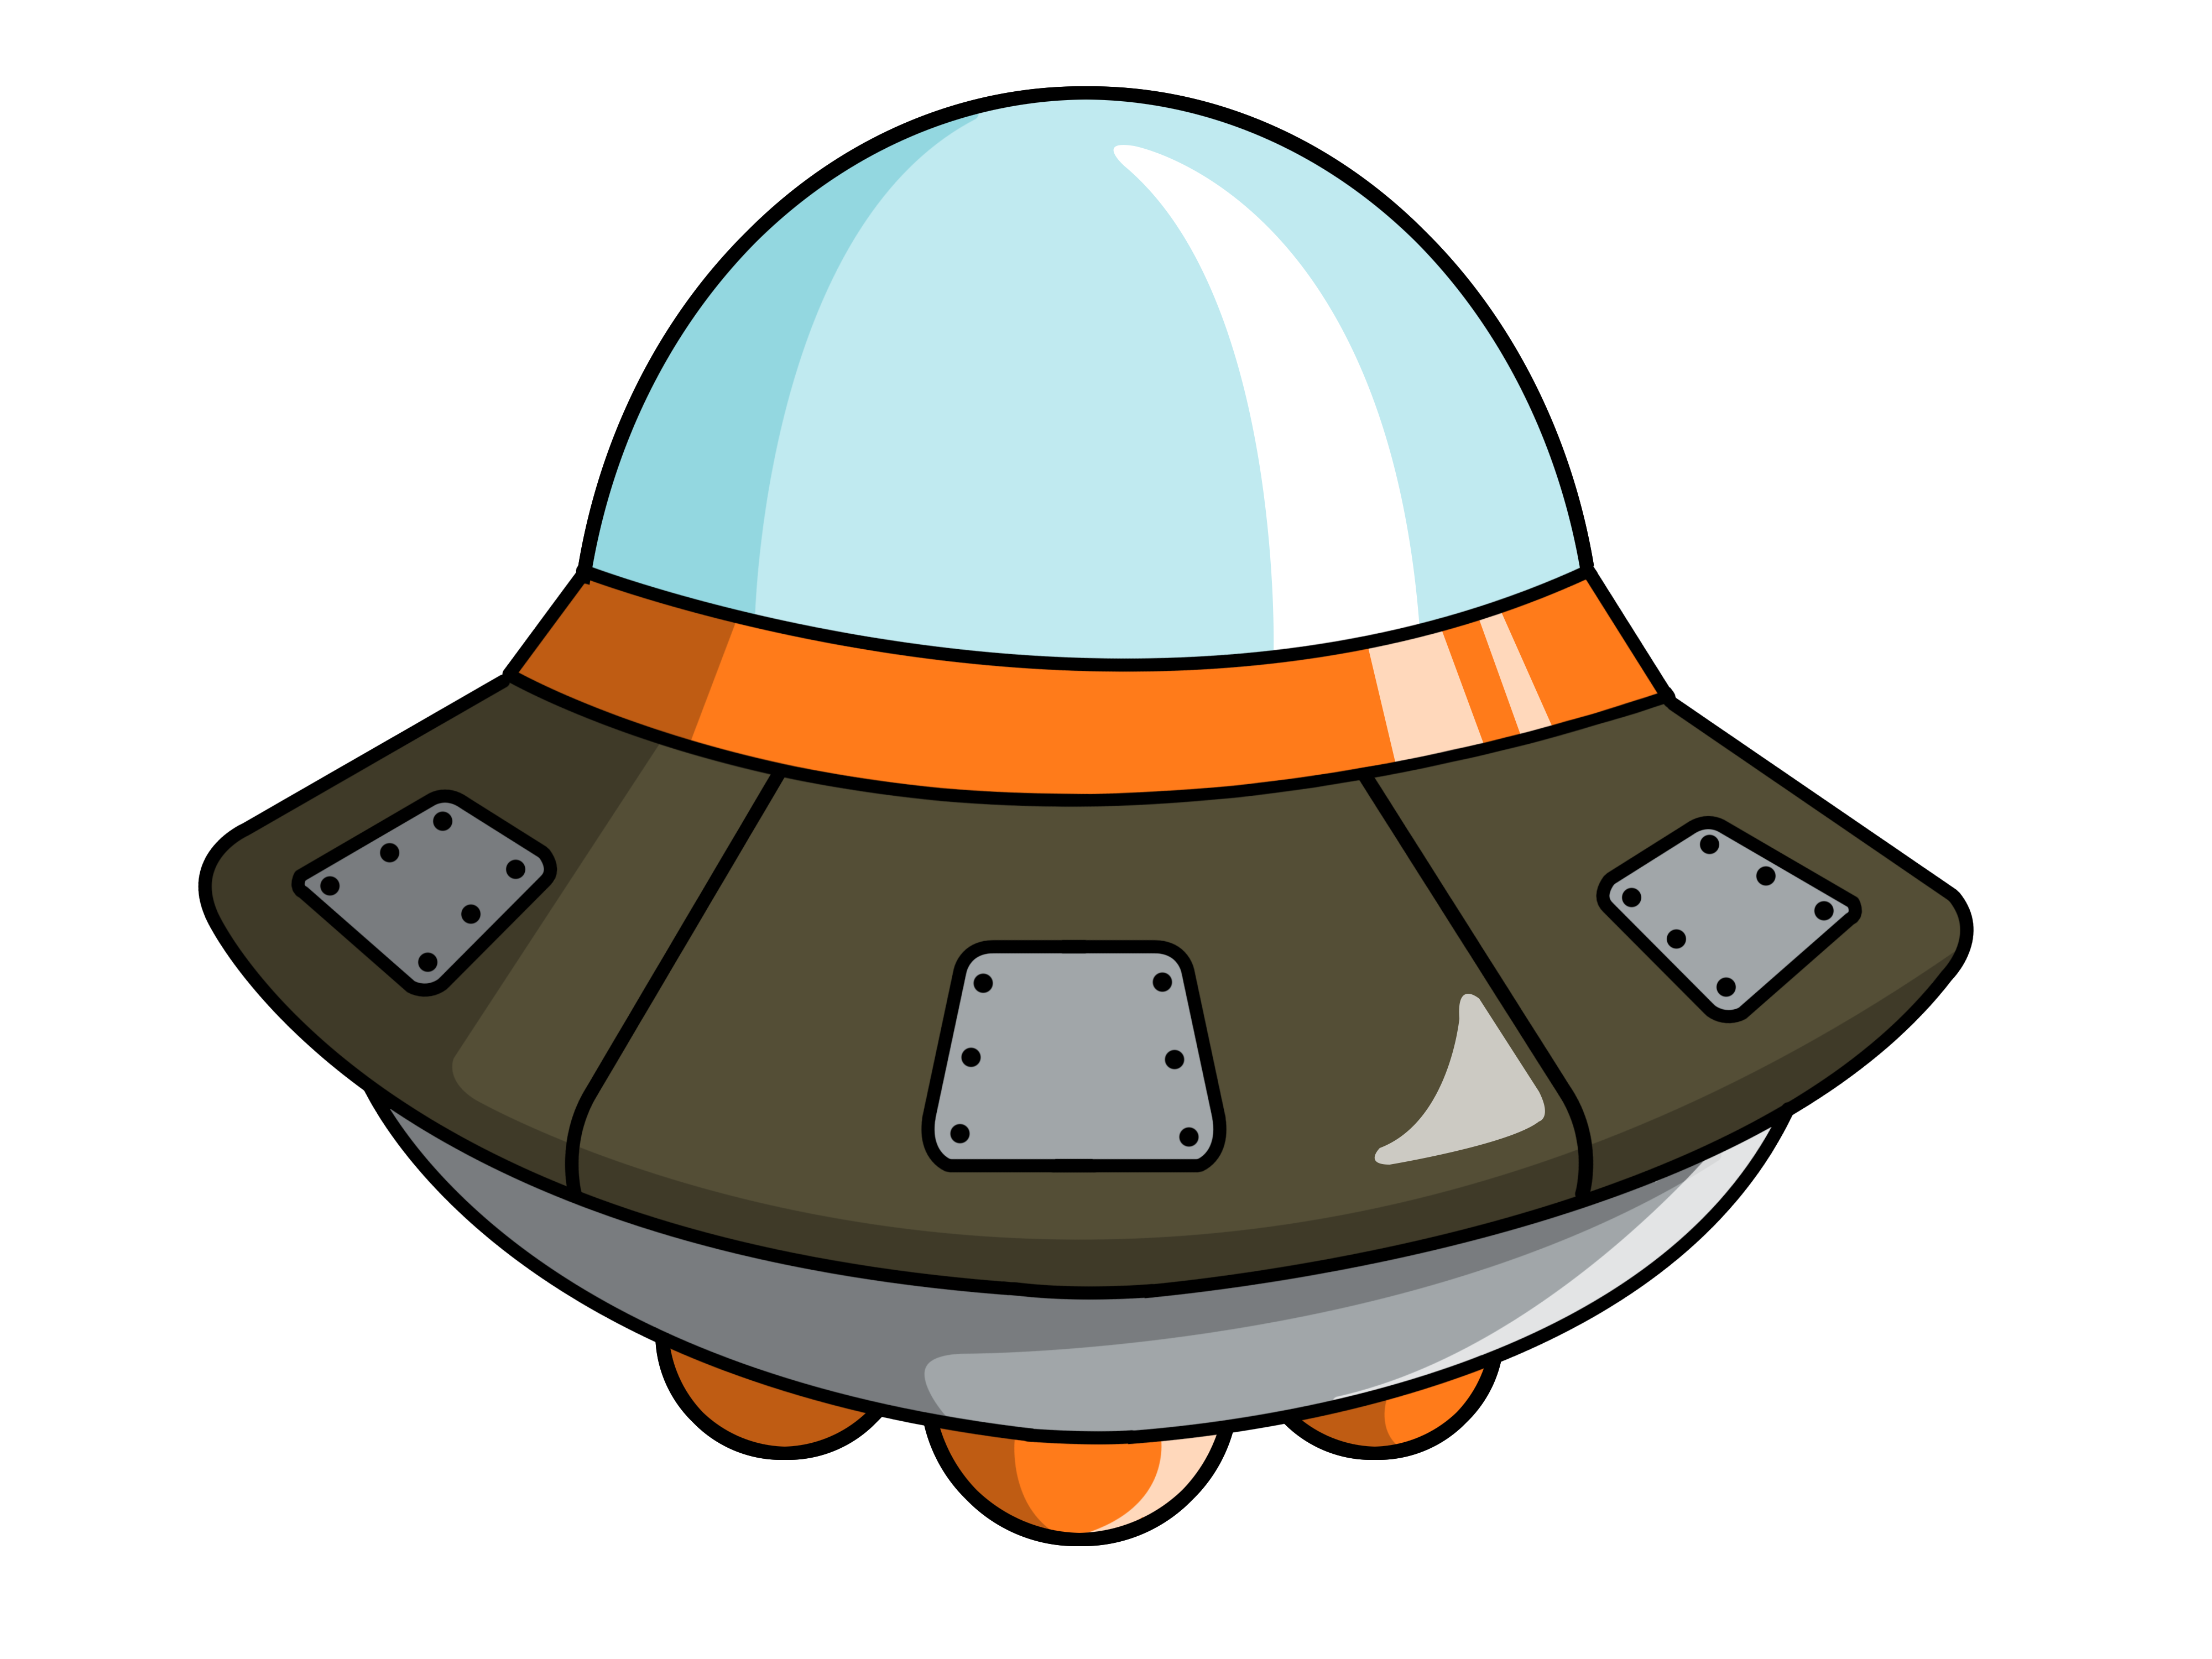 Cute spaceship clipart 2